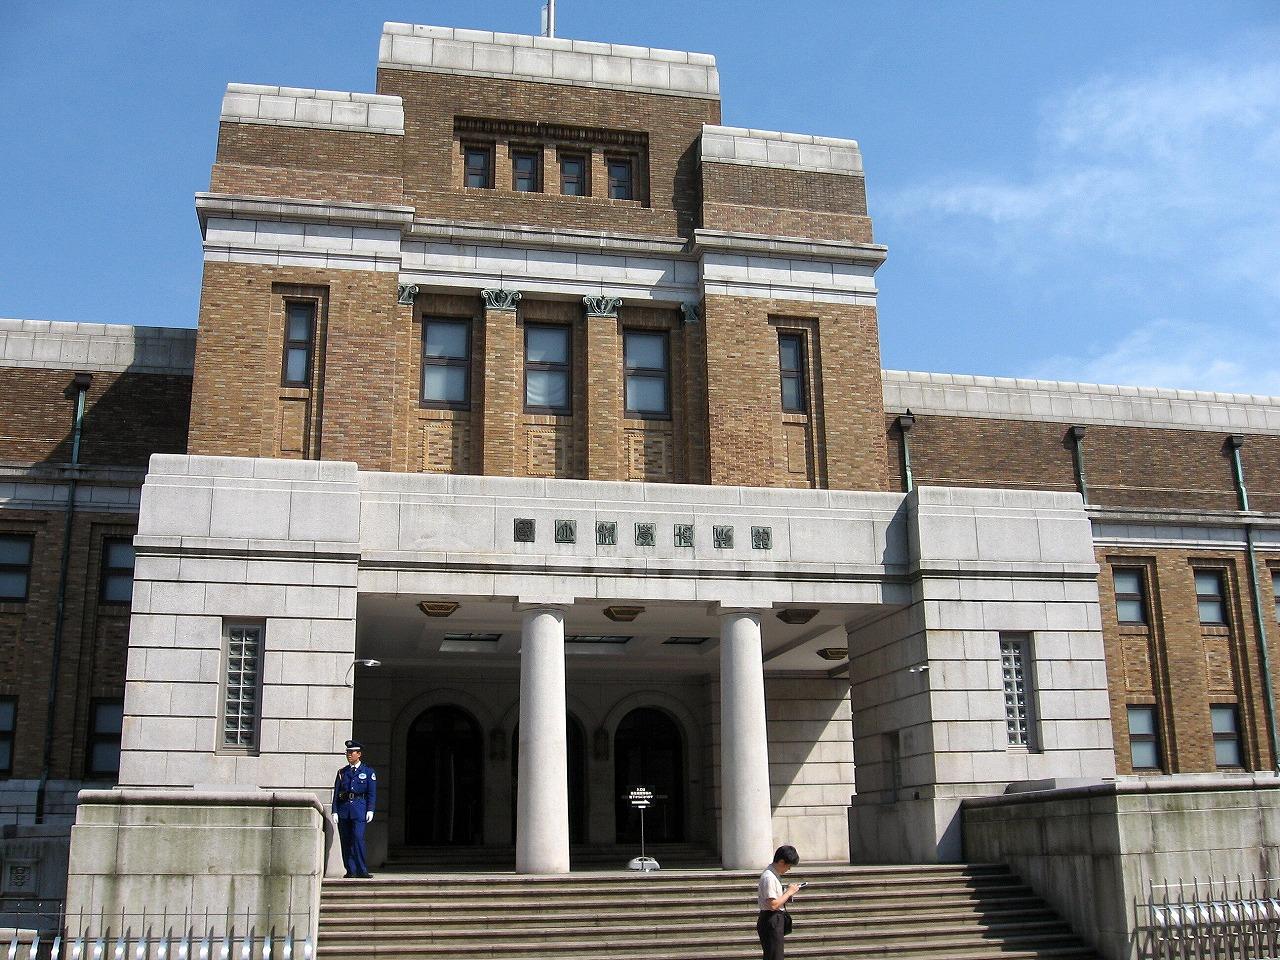 お出かけスポット「国立科学博物館・上野」の口コミ情報を紹介します。